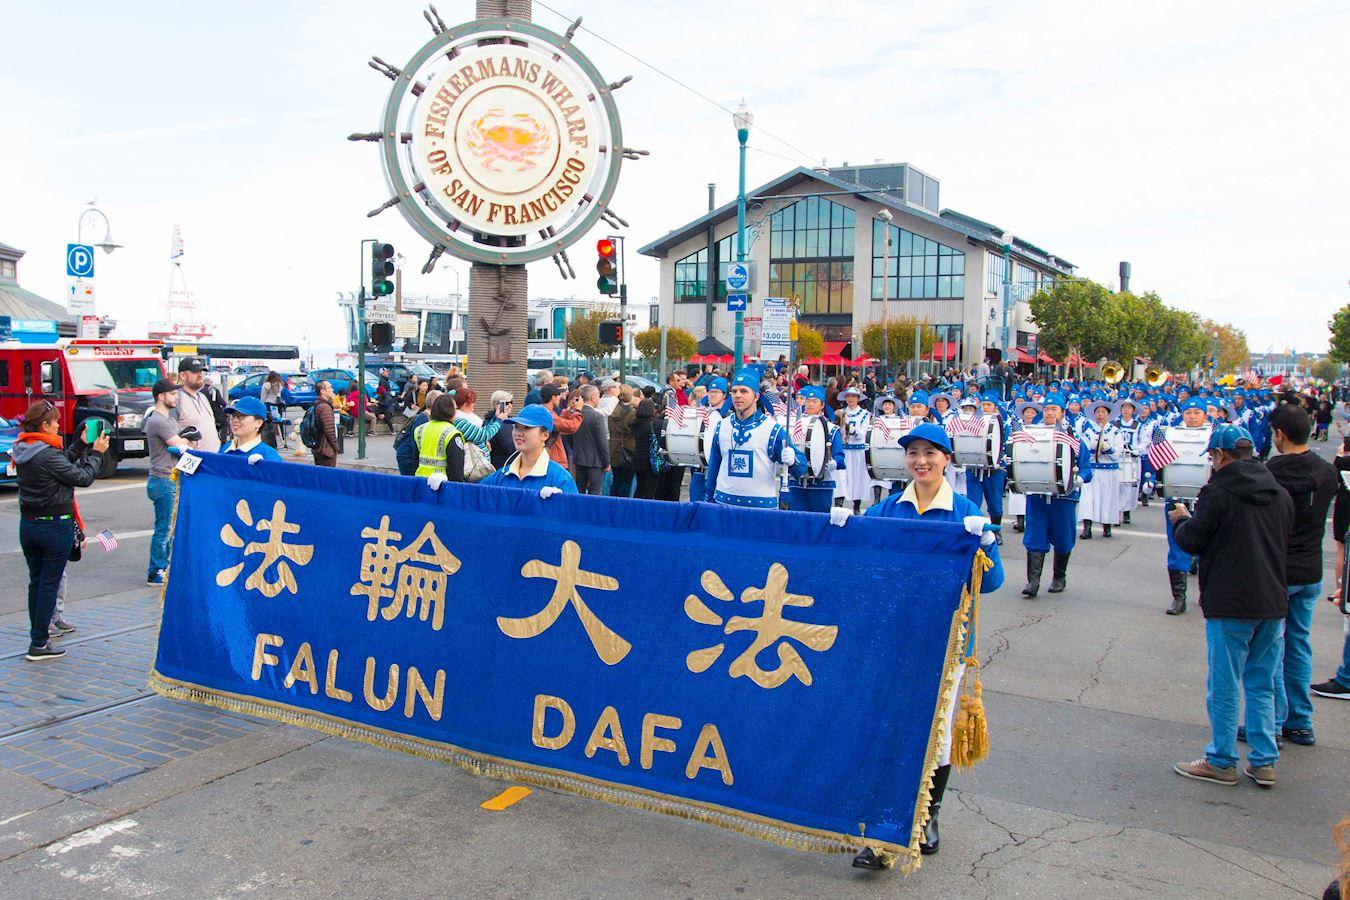 法輪功學員參加老兵節遊行受歡迎。(明慧網)